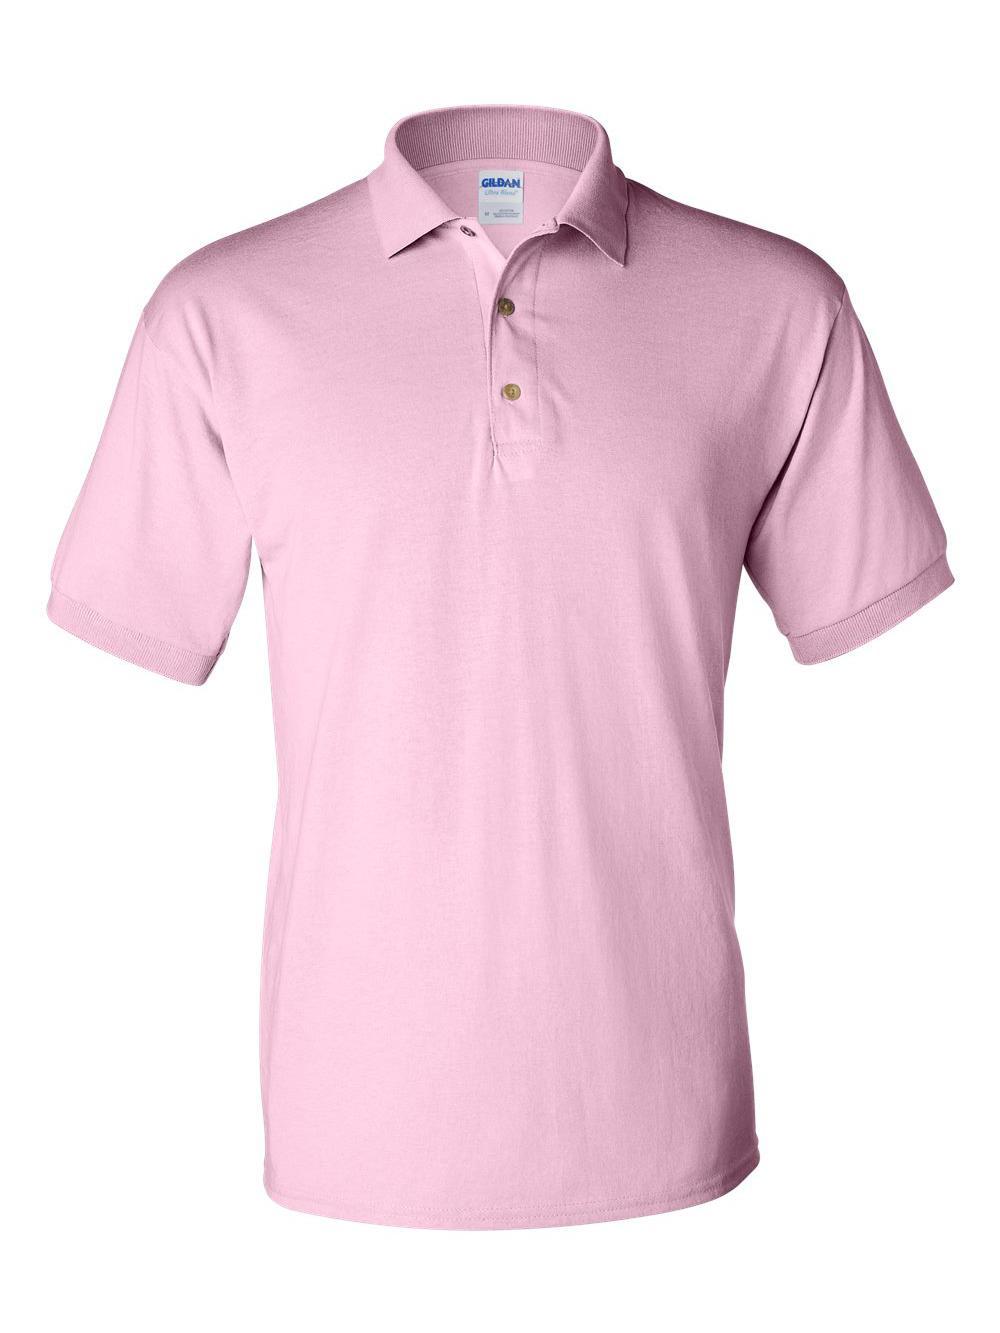 Gildan-DryBlend-Jersey-Sport-Shirt-8800 thumbnail 39